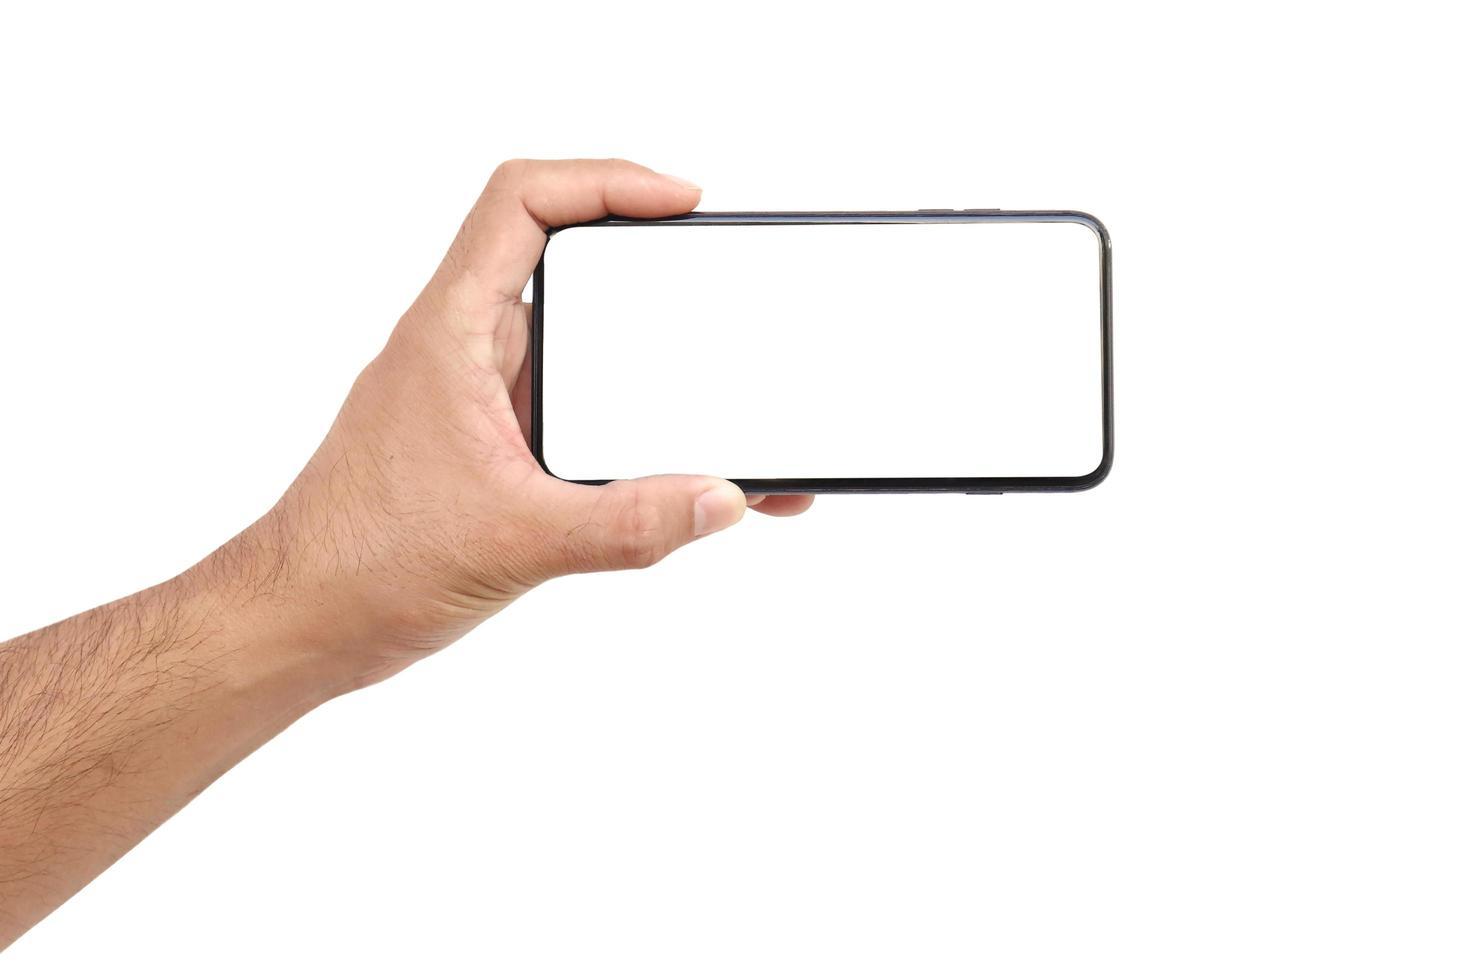 Internet-Kommunikation und Werbeideen, die Hand hält den weißen Bildschirm, das Handy ist auf einem weißen Hintergrund mit dem Beschneidungspfad isoliert foto